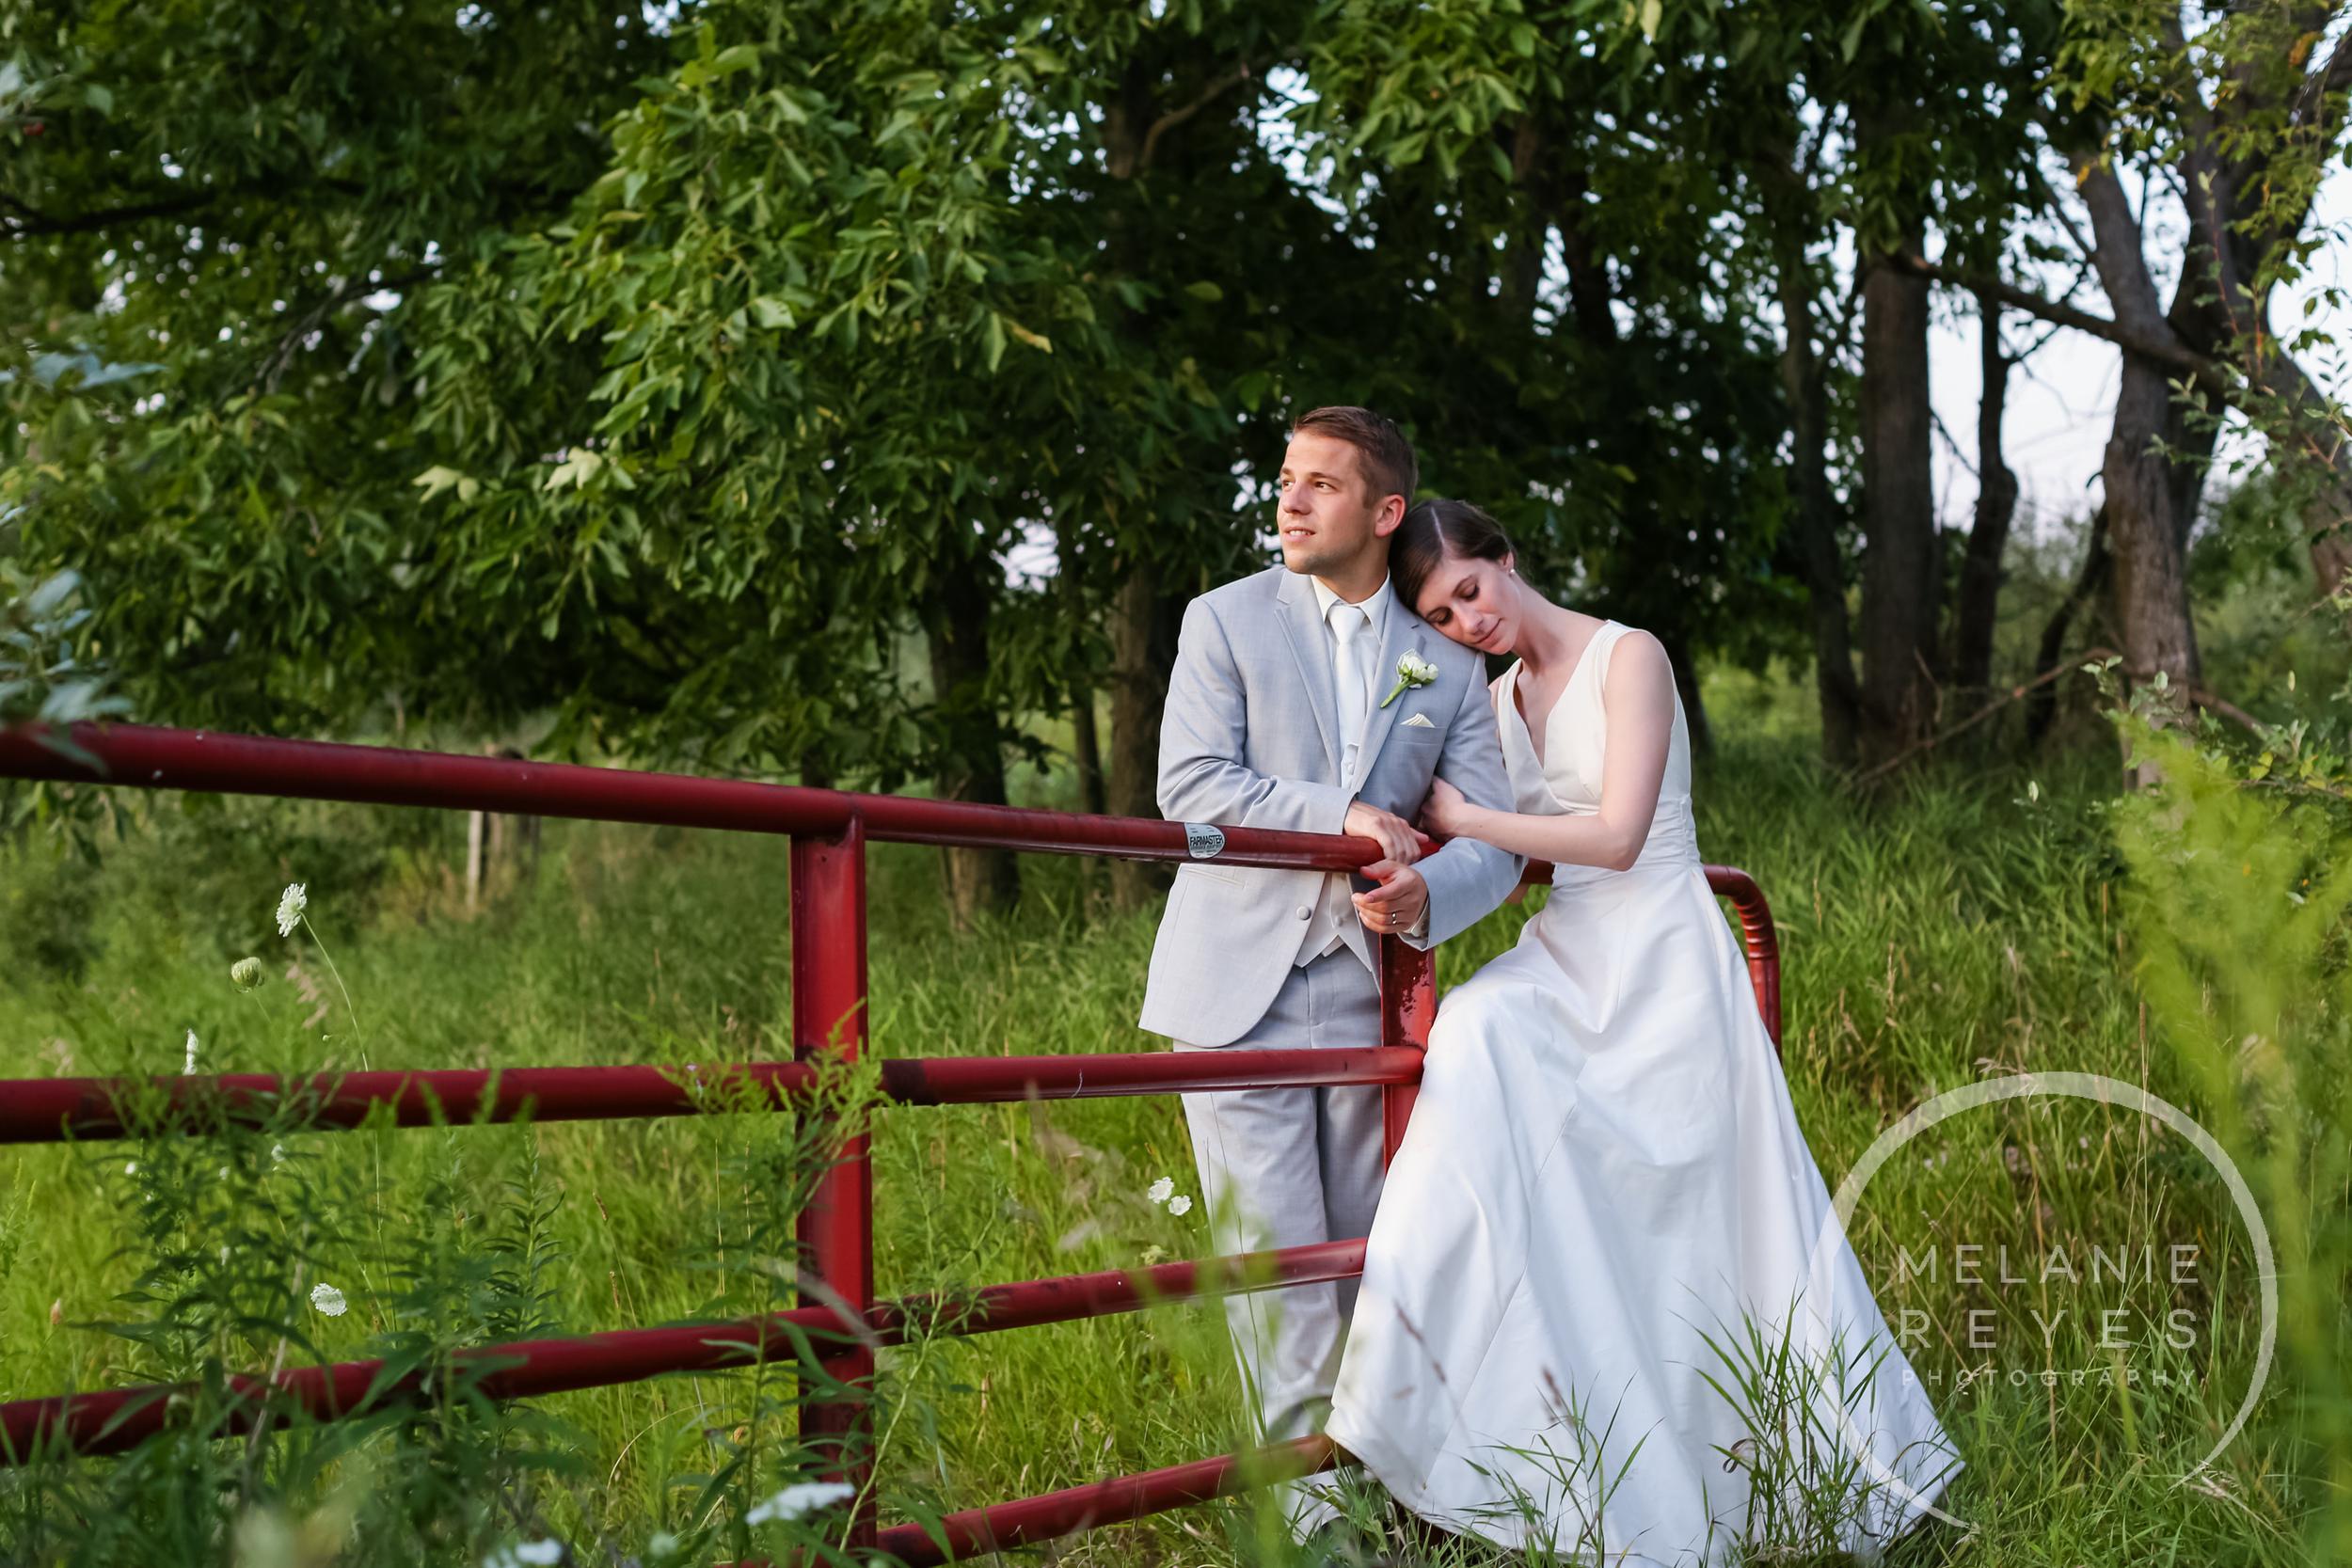 077_farm_wedding_melanie_reyes.JPG